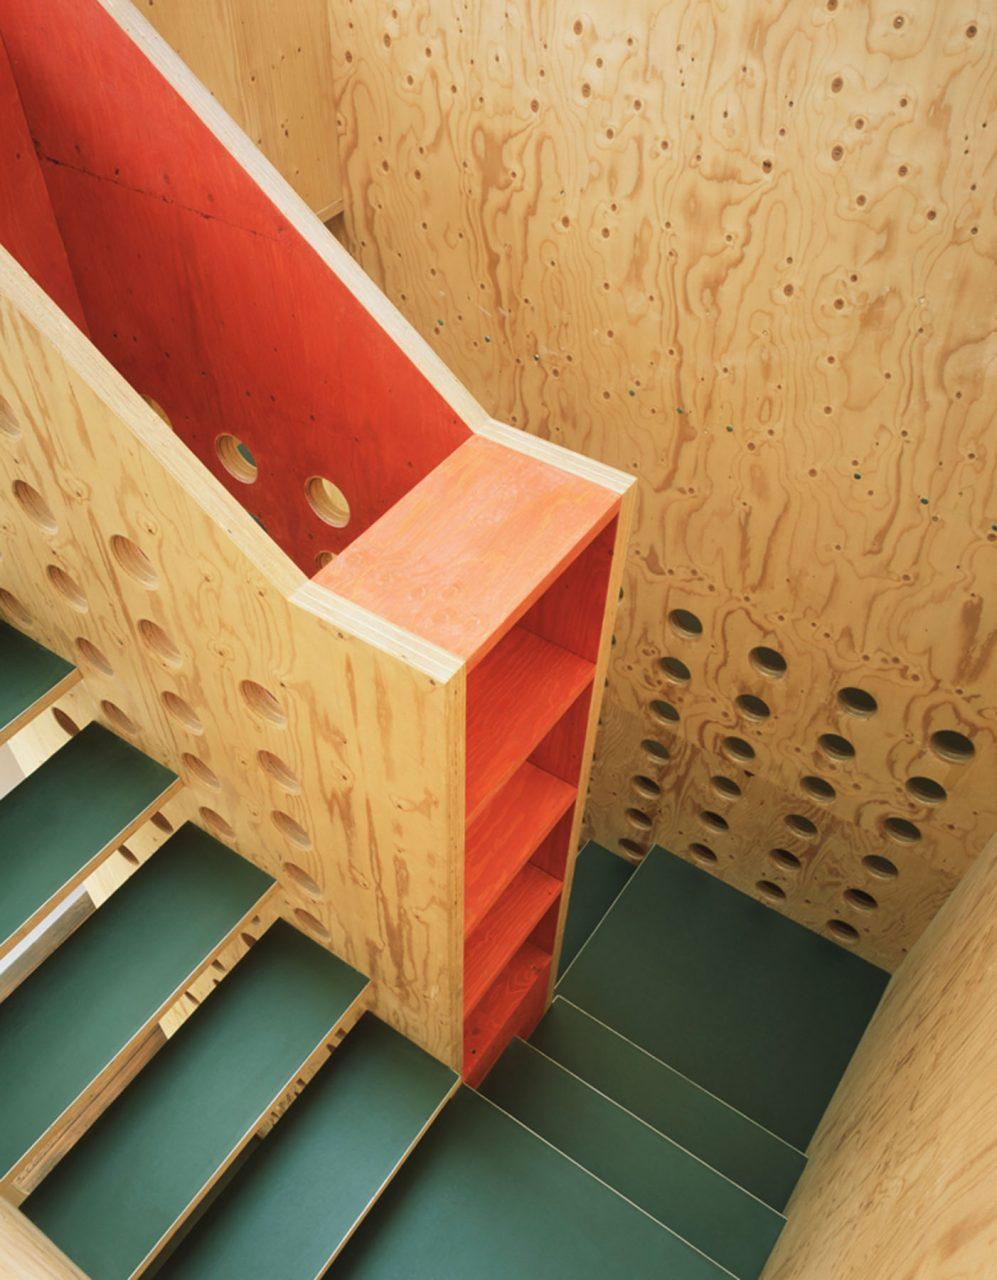 neo_leo. Die Treppe ist zugleich ein Wohnmöbel und dient auf dem Weg durch die drei Ebenen als Geländer, Raumteiler, Schrank, Regal.